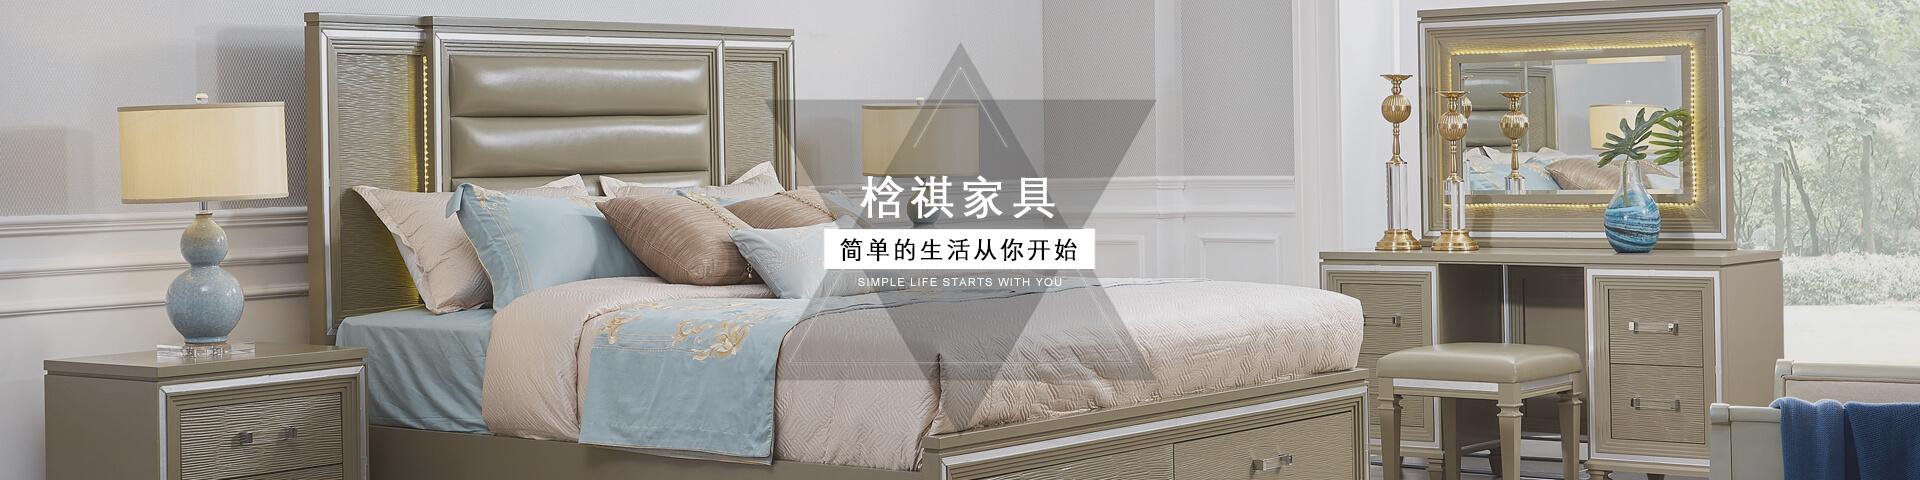 东莞市梒祺智能家居科技有限公司